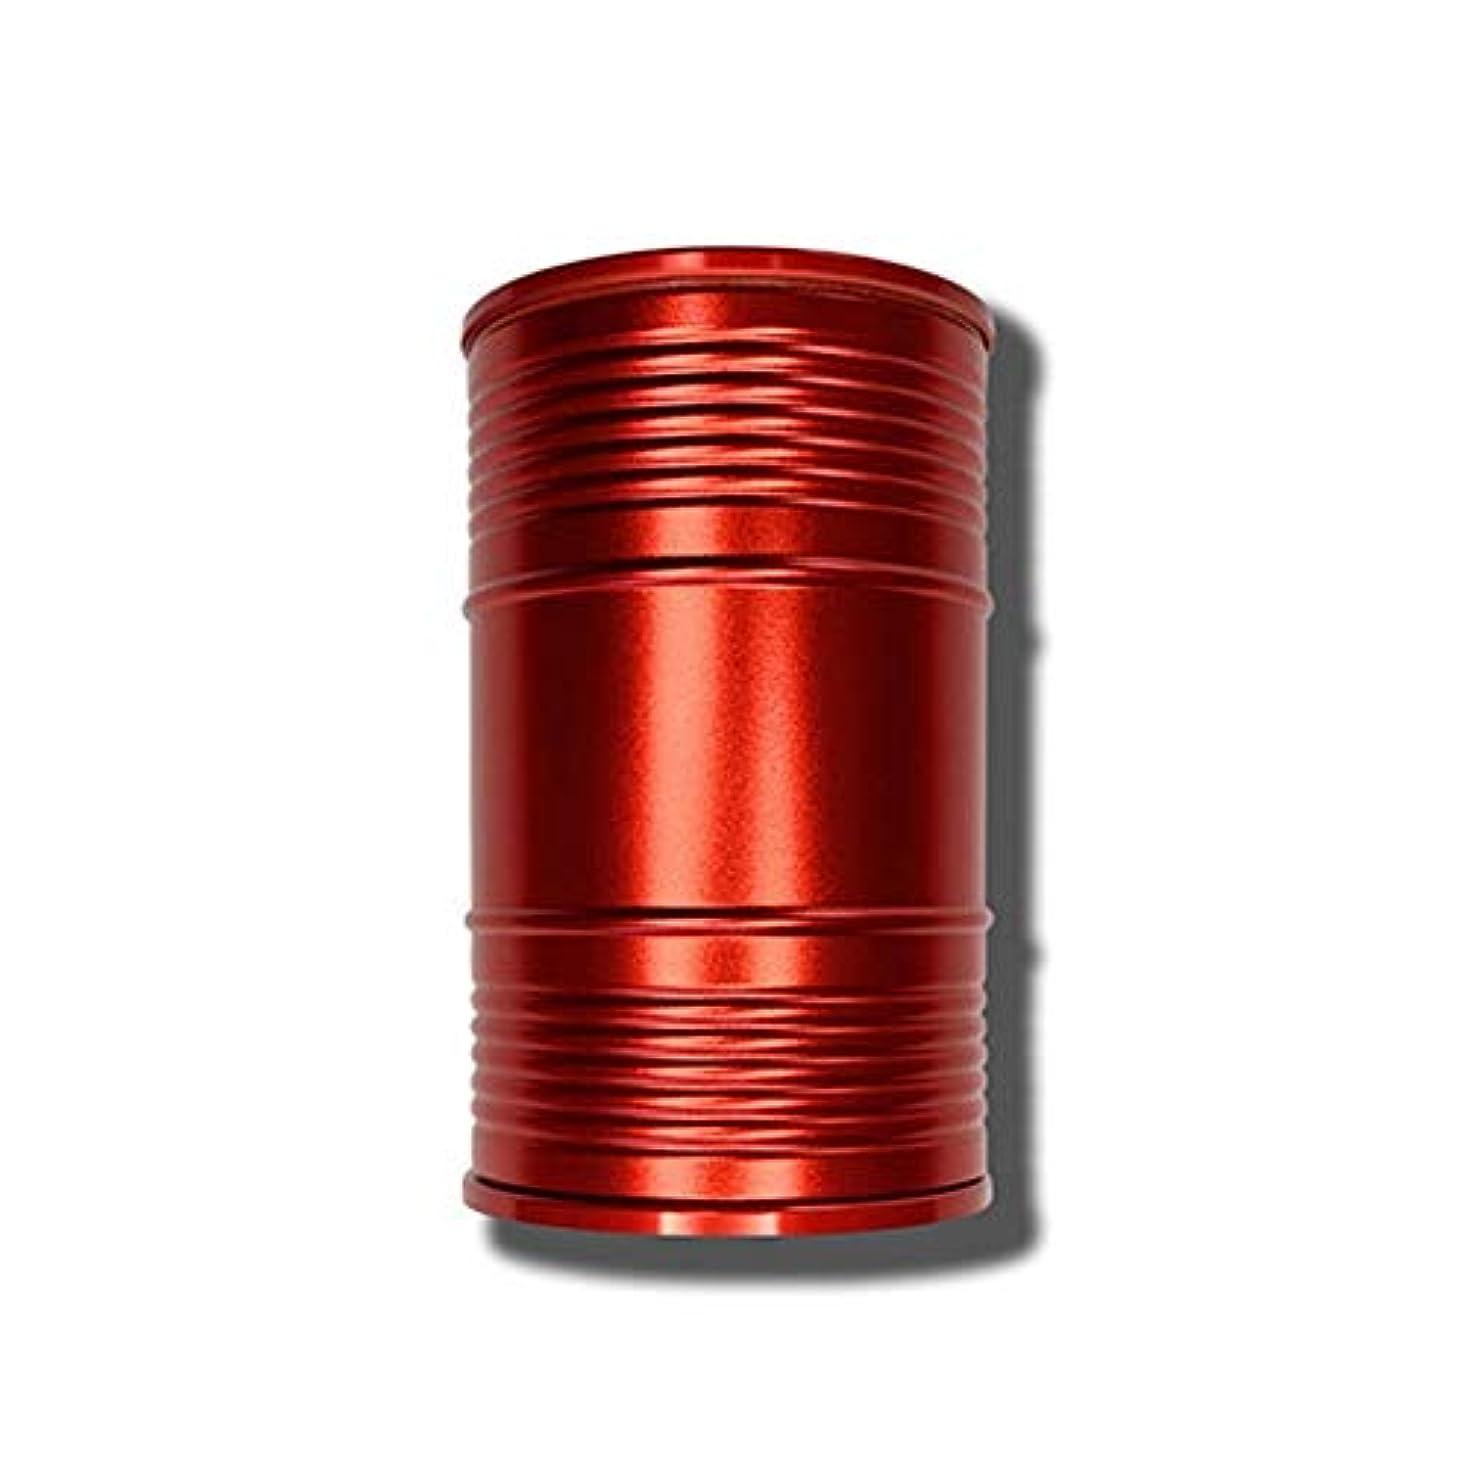 指標モバイル病者創造的なオイルバレル形状ミニ車ポータブル灰皿カバーデザイン個性創造的な金属室内装飾、品質保証 (色 : 赤)